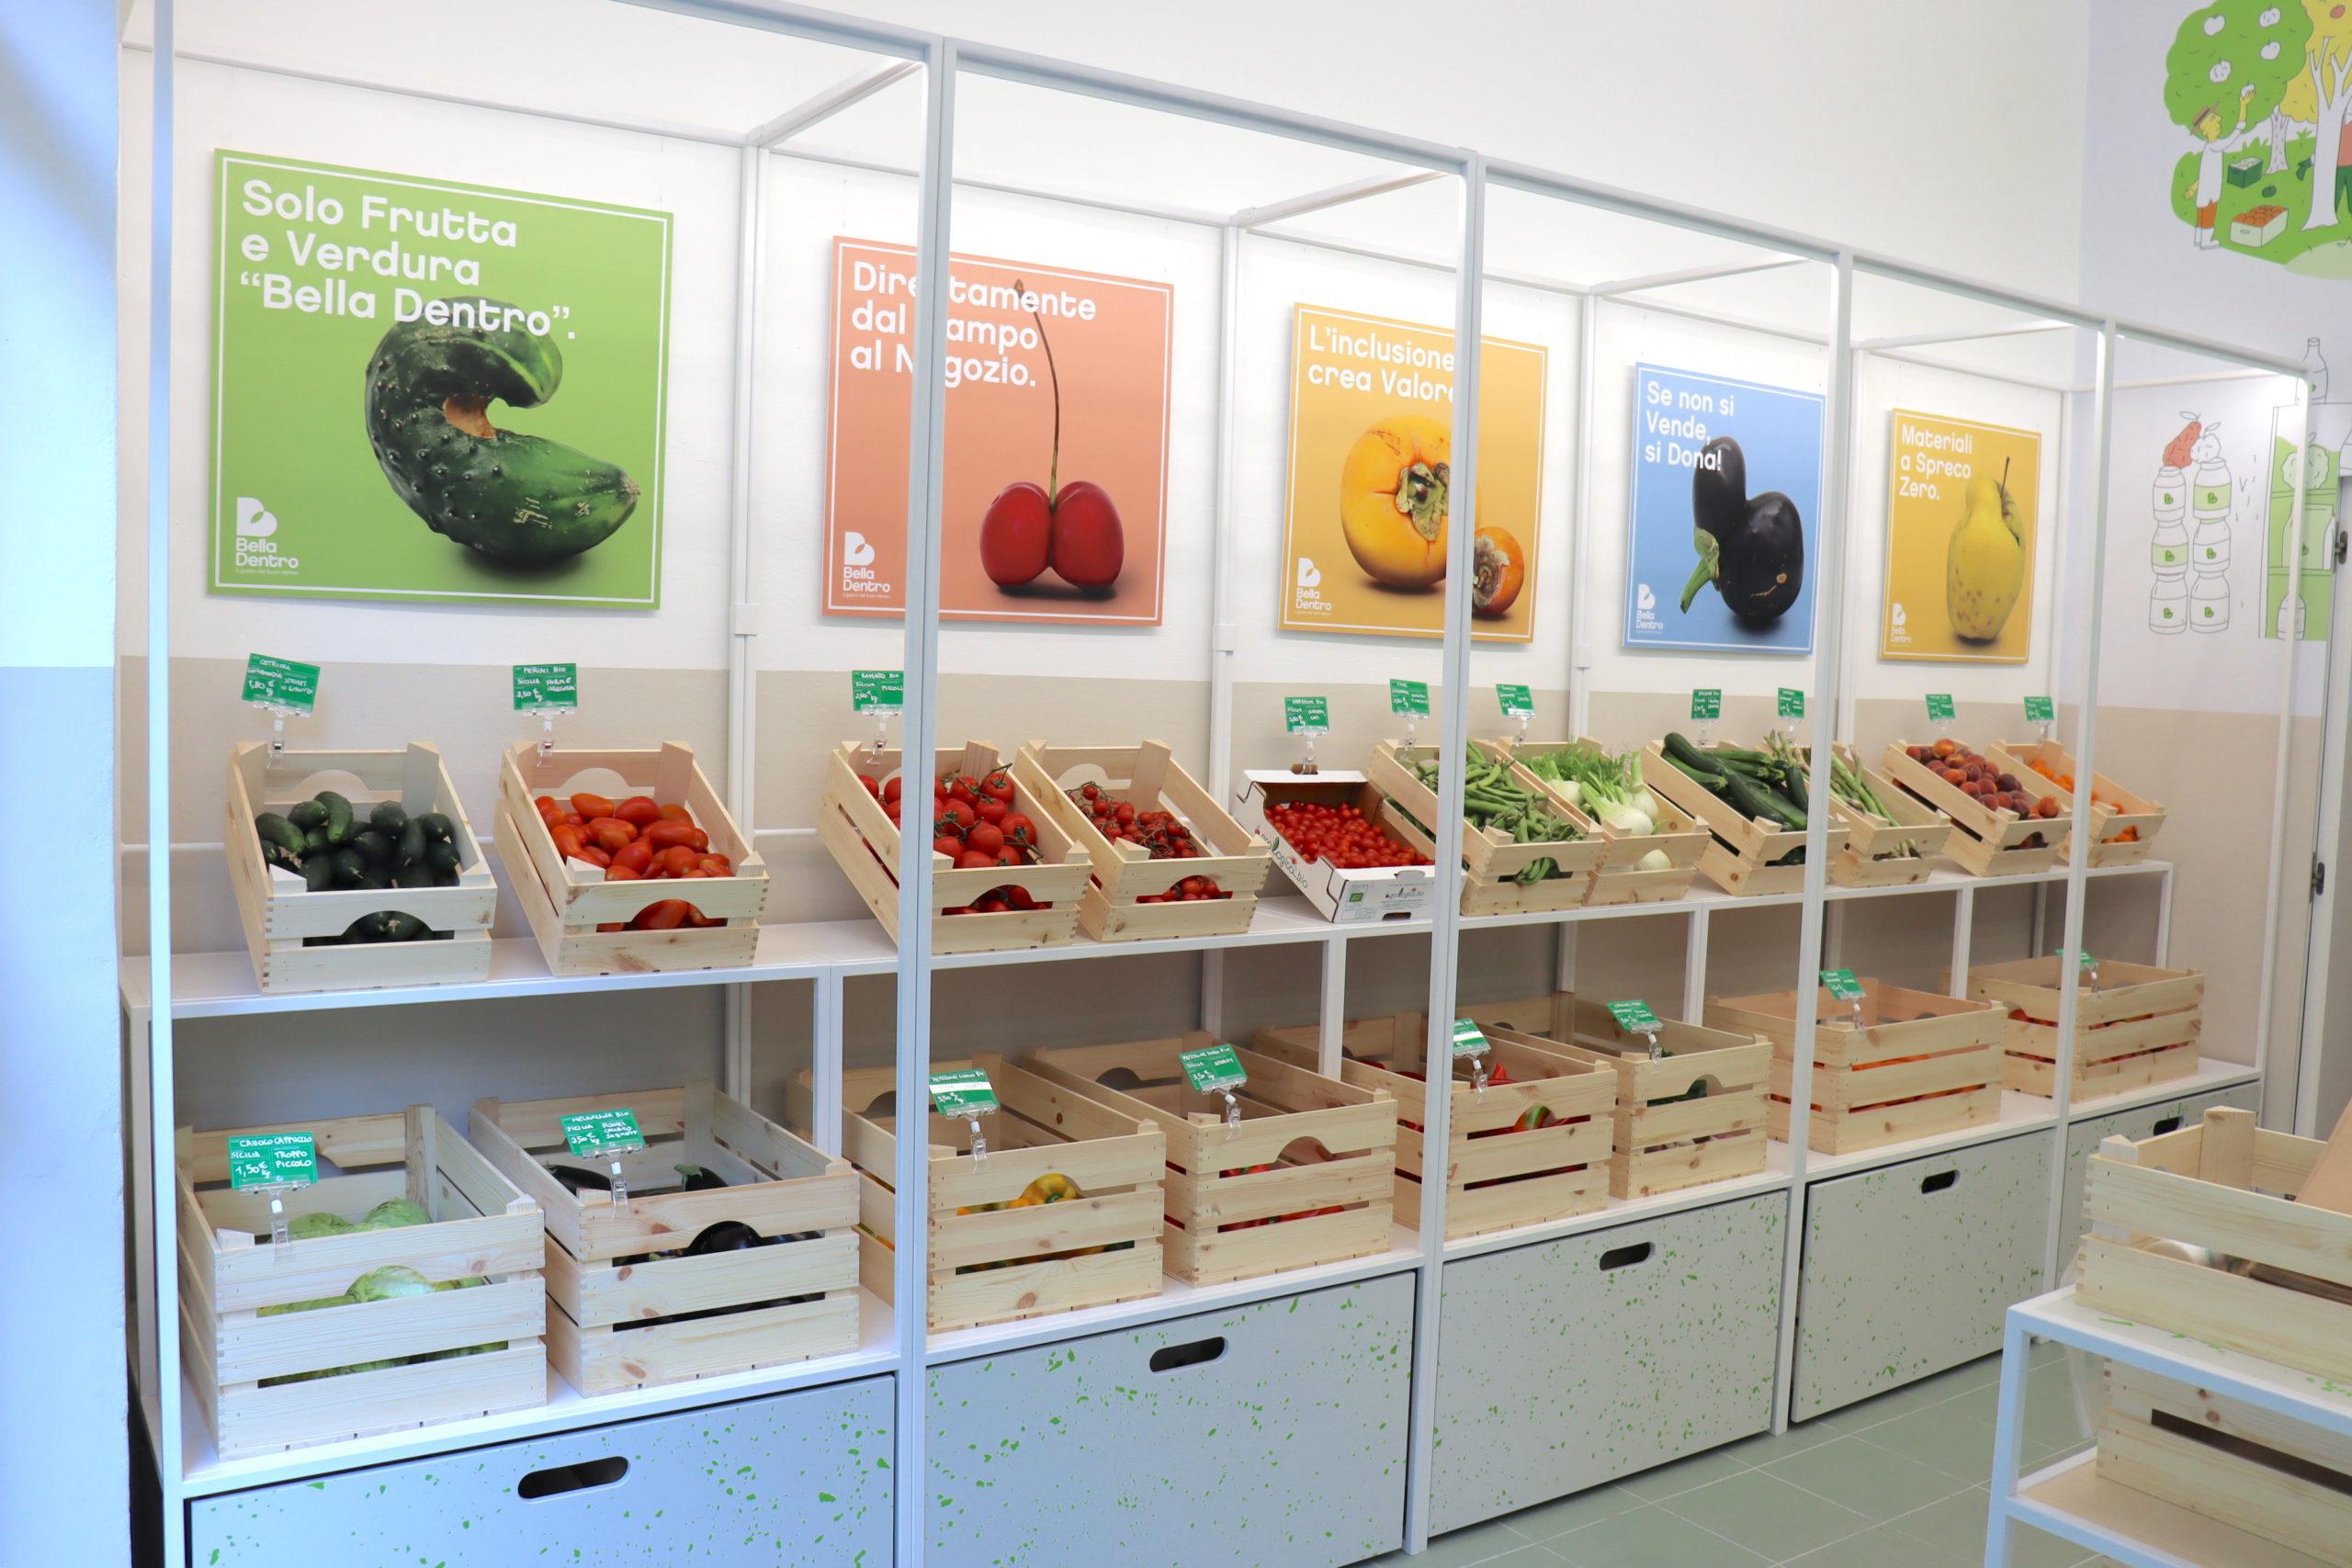 Spreco alimentare, negozio Bella Dentro viale Lazio